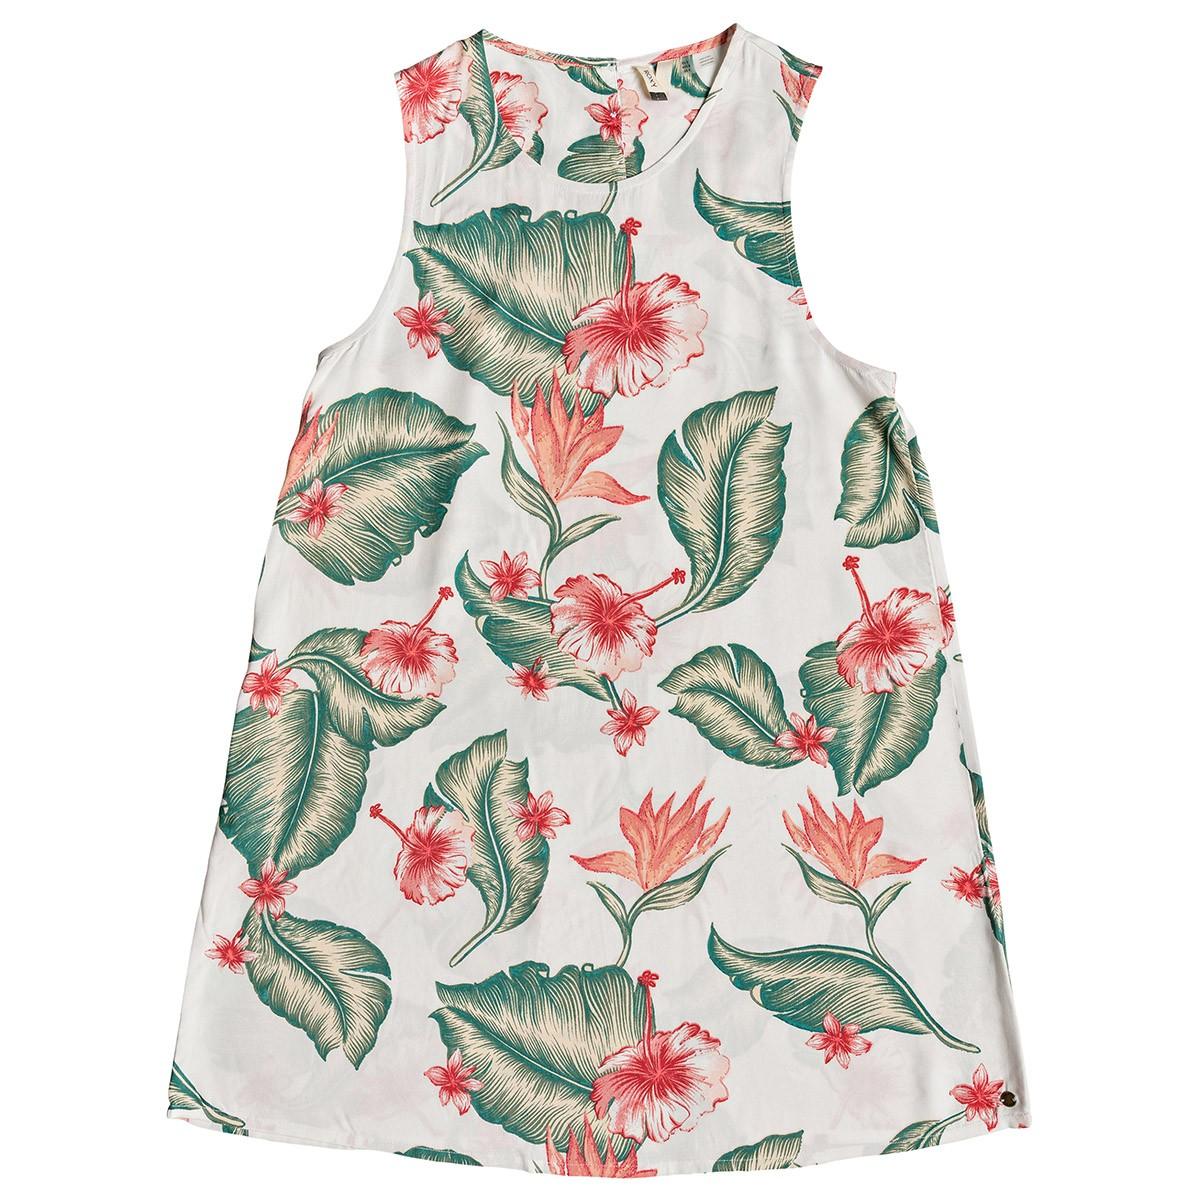 Roxy Harlem Vibes haljina Spremna za leto: Evo gde možeš da pronađeš baš sve što ti je potrebno!